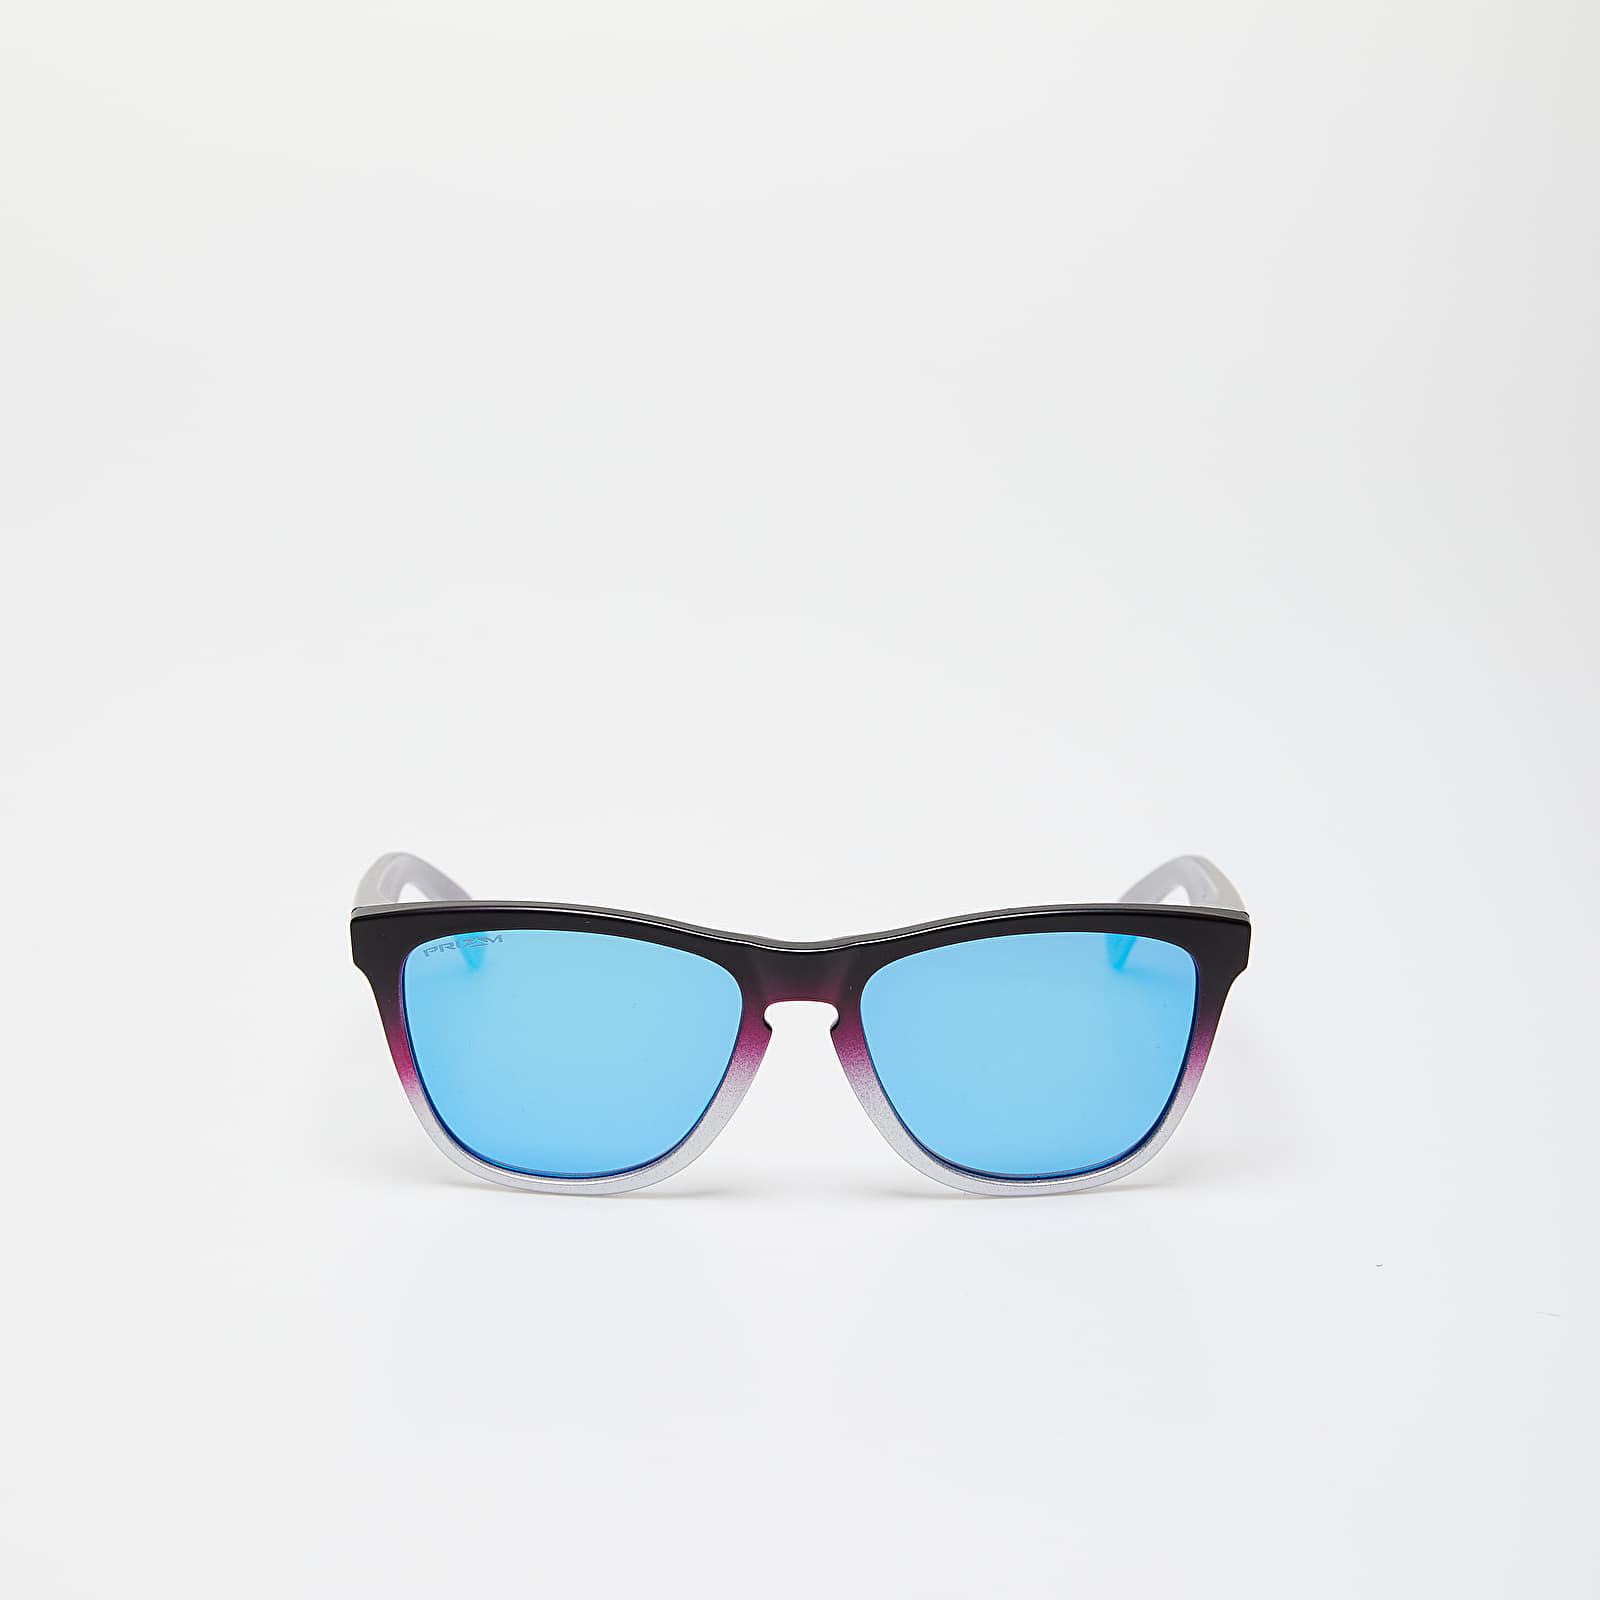 Γυαλιά ηλίου Oakley Frogskins Lite Splatterfade Sunglasses Black Pink/ Prizm Sapphire Iridium